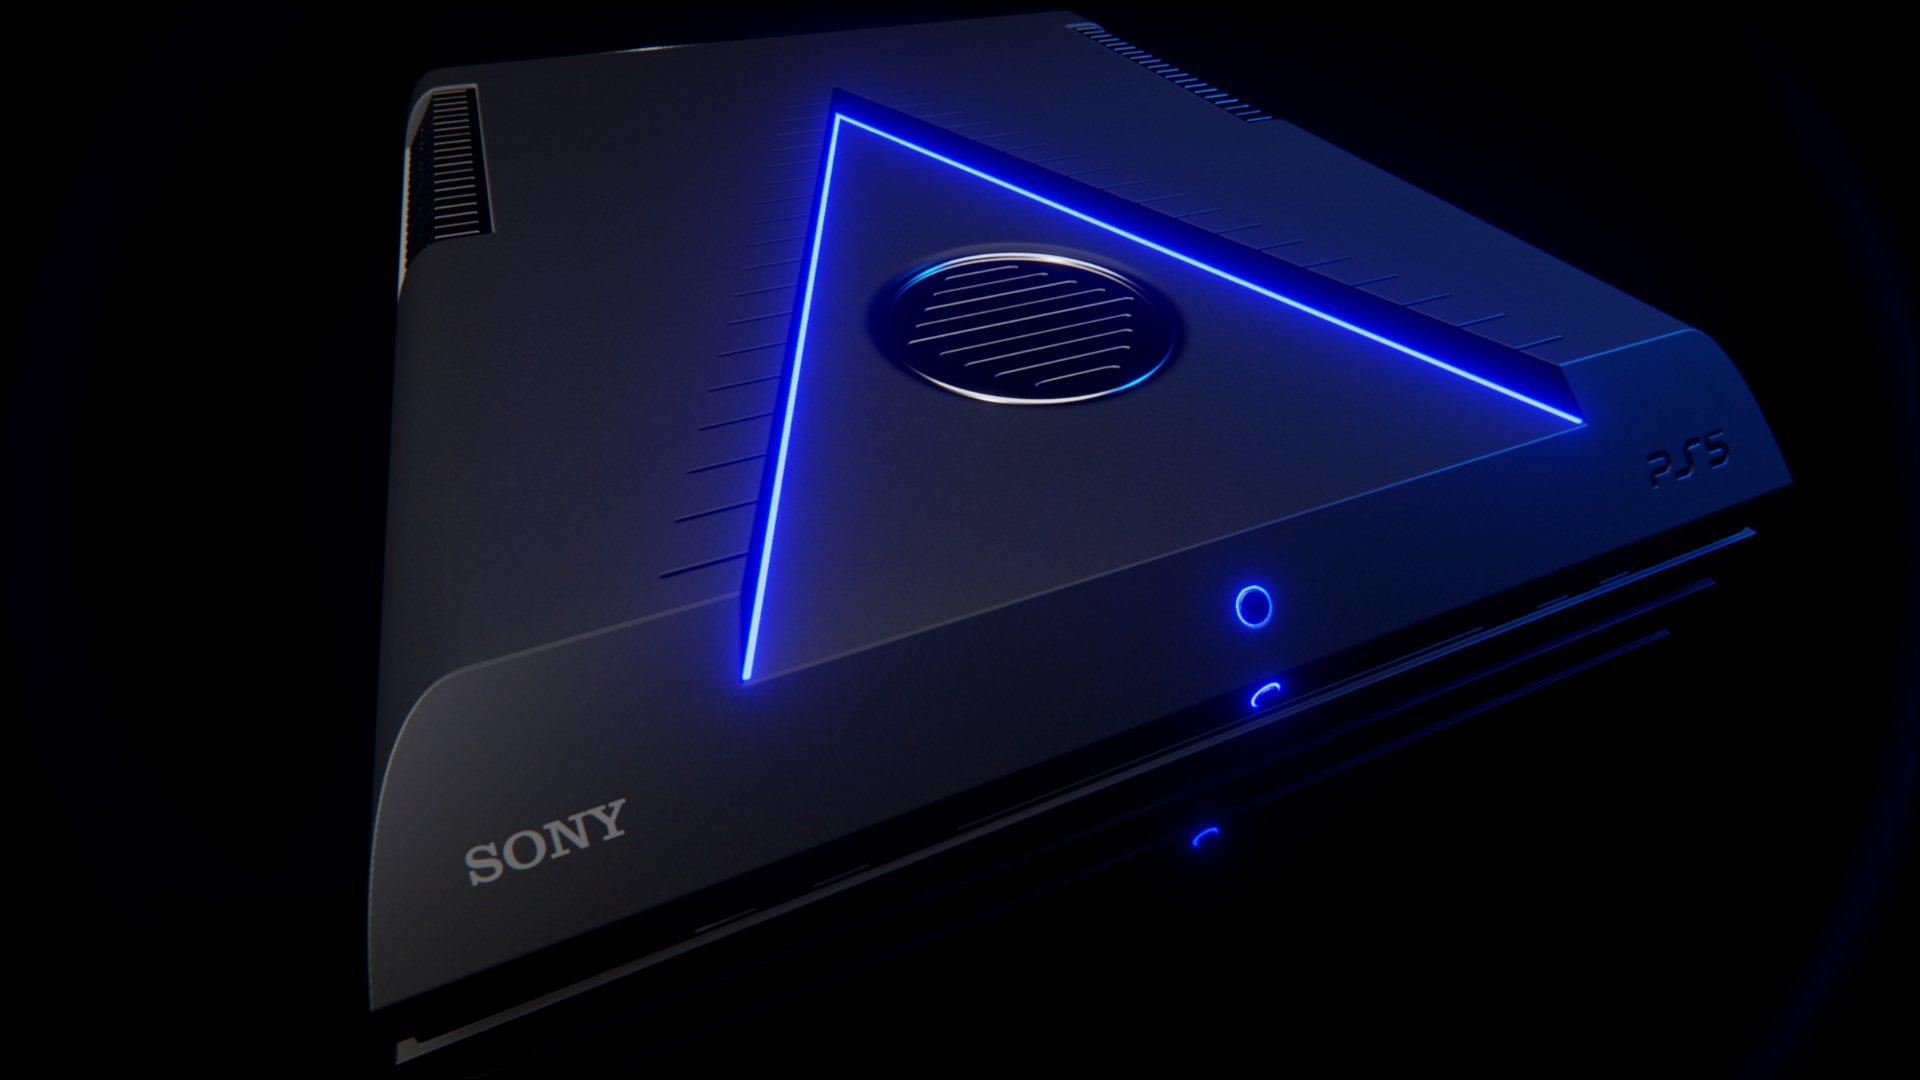 很有特色!国外玩家自己设计PS5主机概念造型